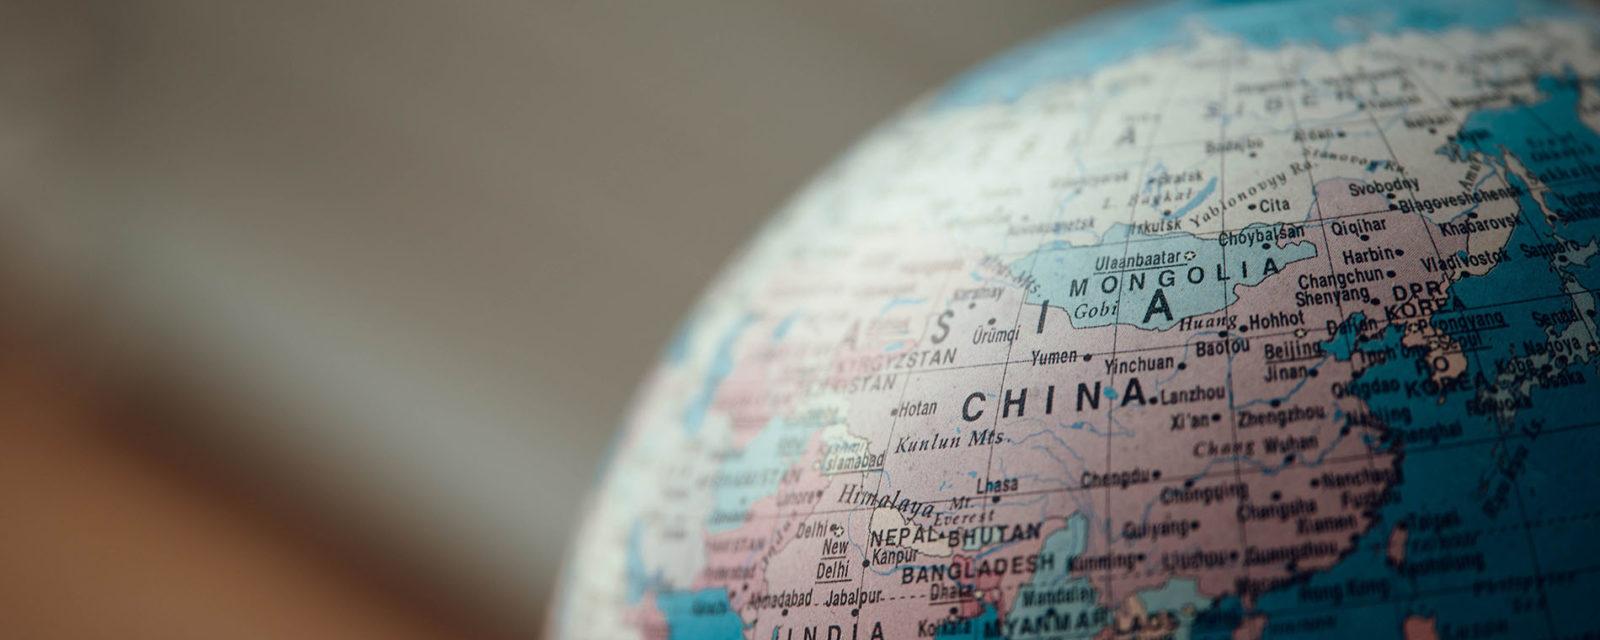 Premier·ères diplômé·es de La Rochelle Université et Beijing Language and Culture University (BLCU)